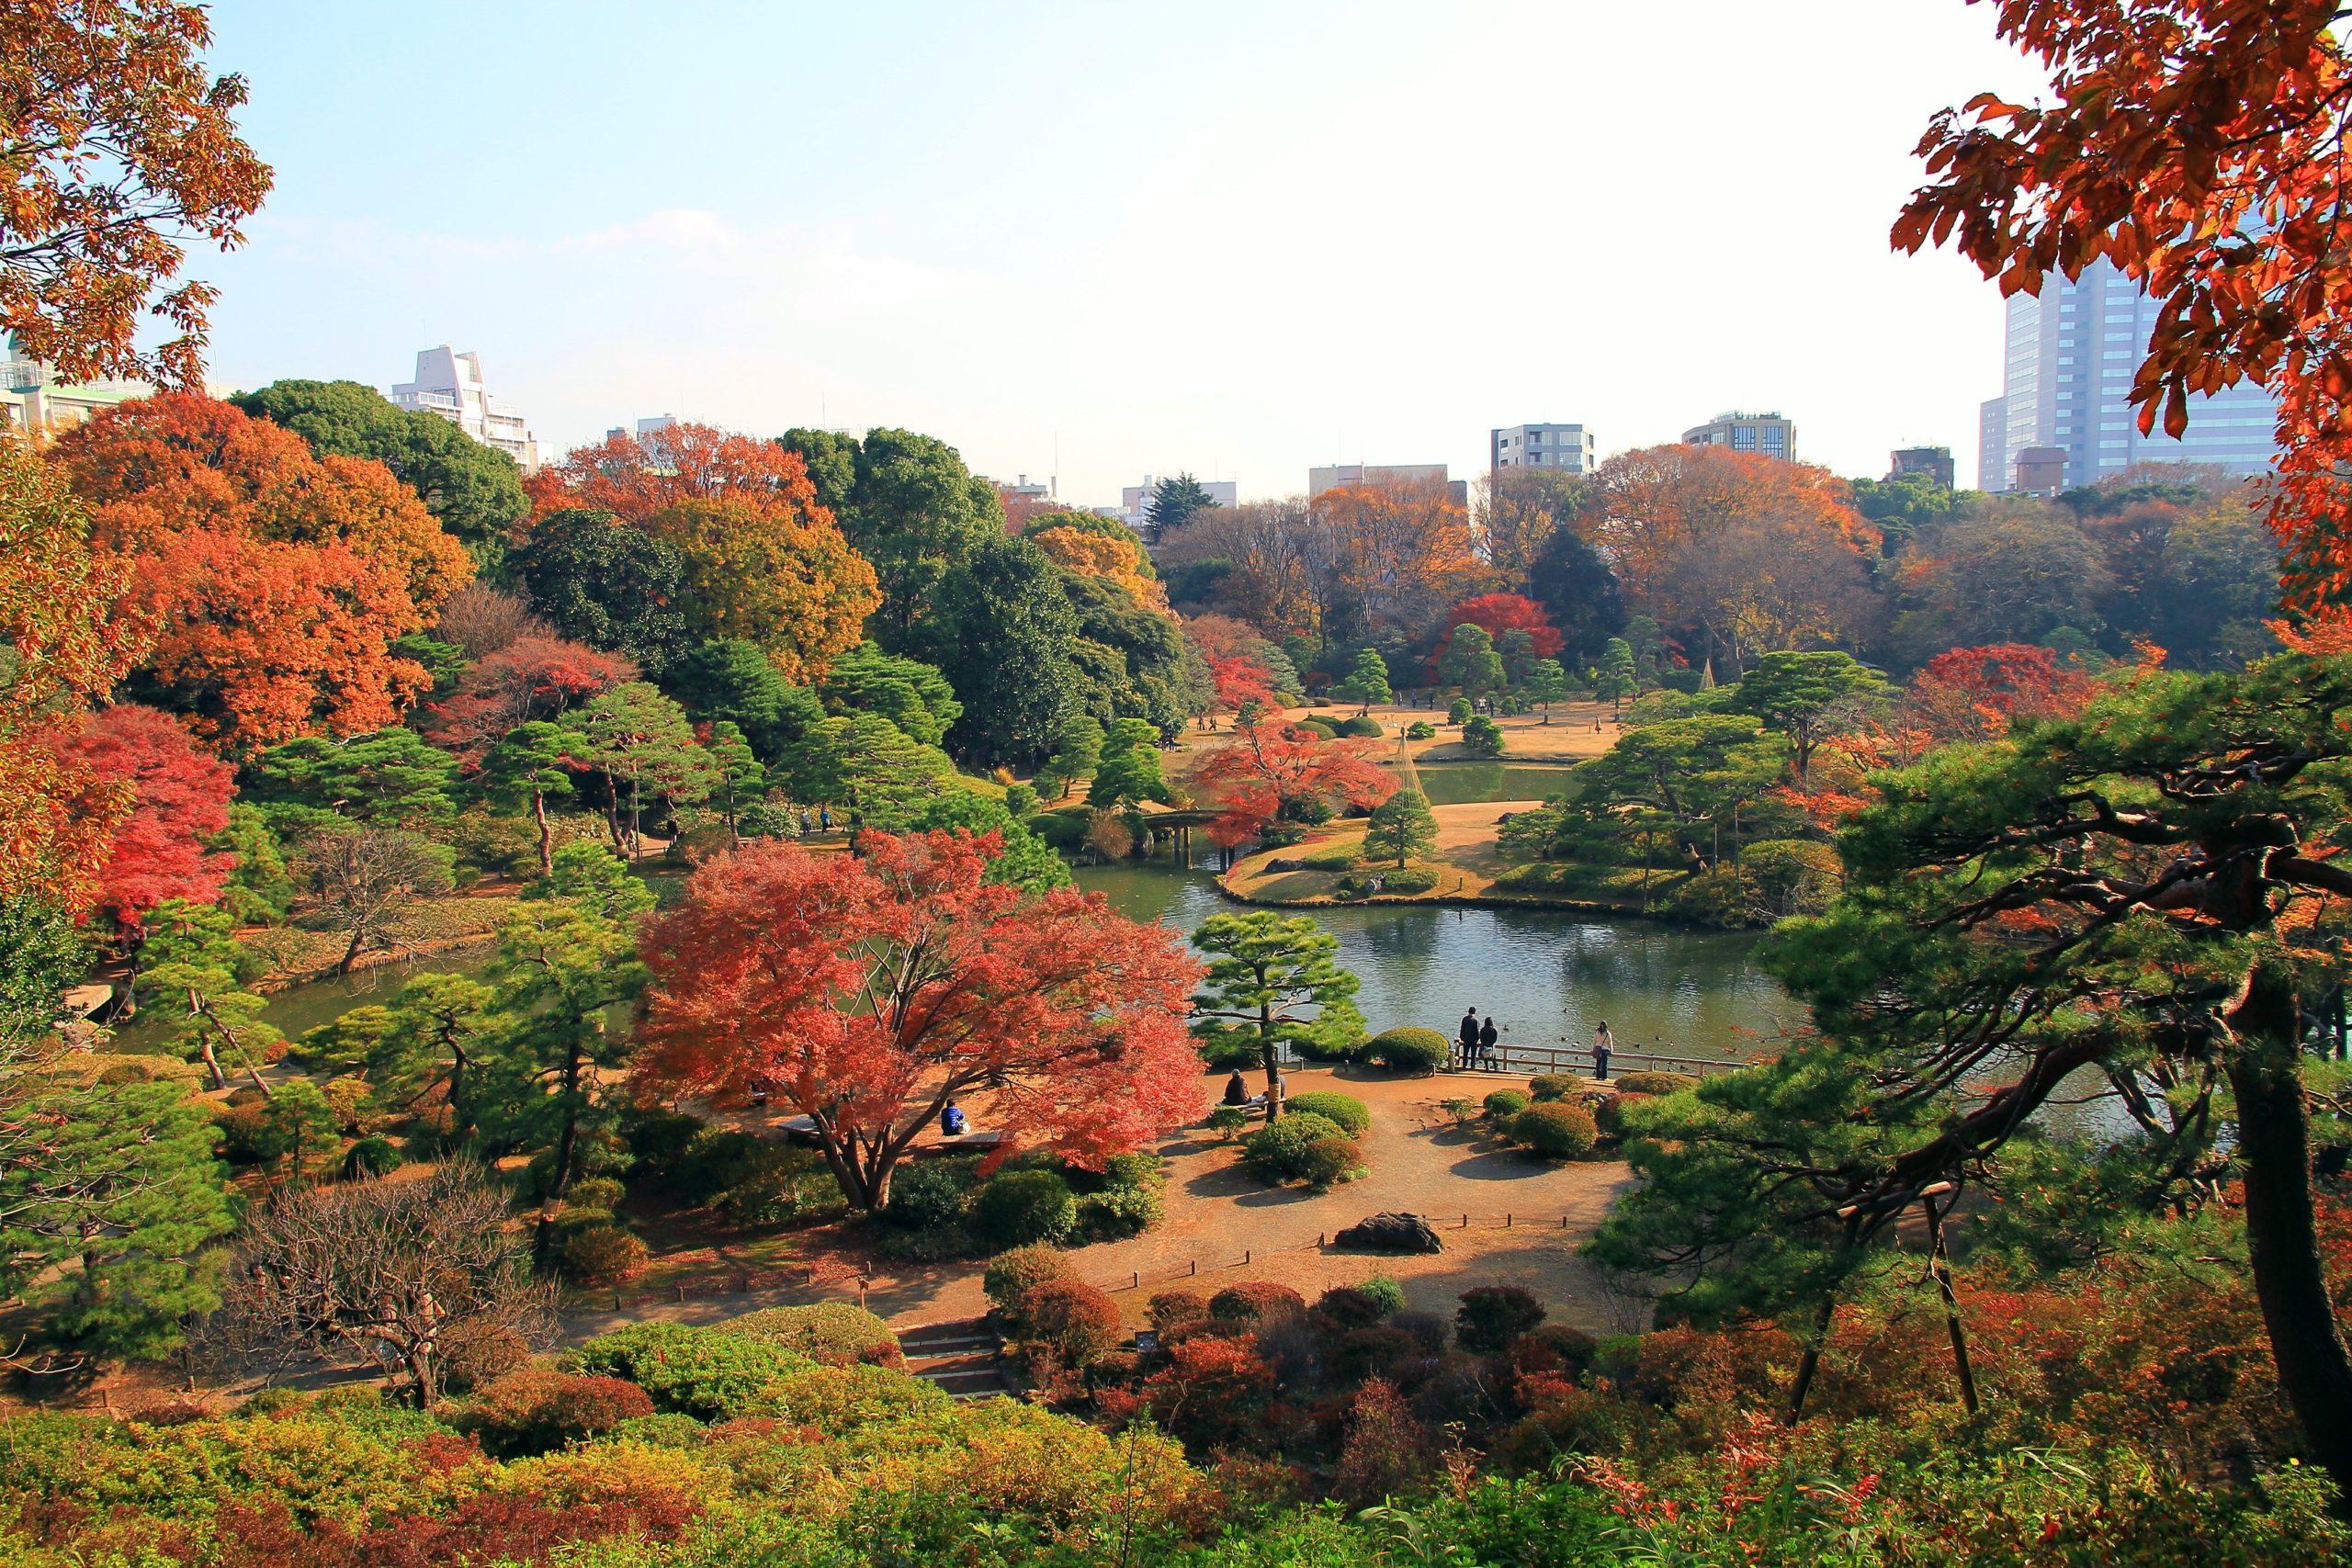 Conheça os 10 Jardins Mais Espetaculares de Tóquio! – Veja Online